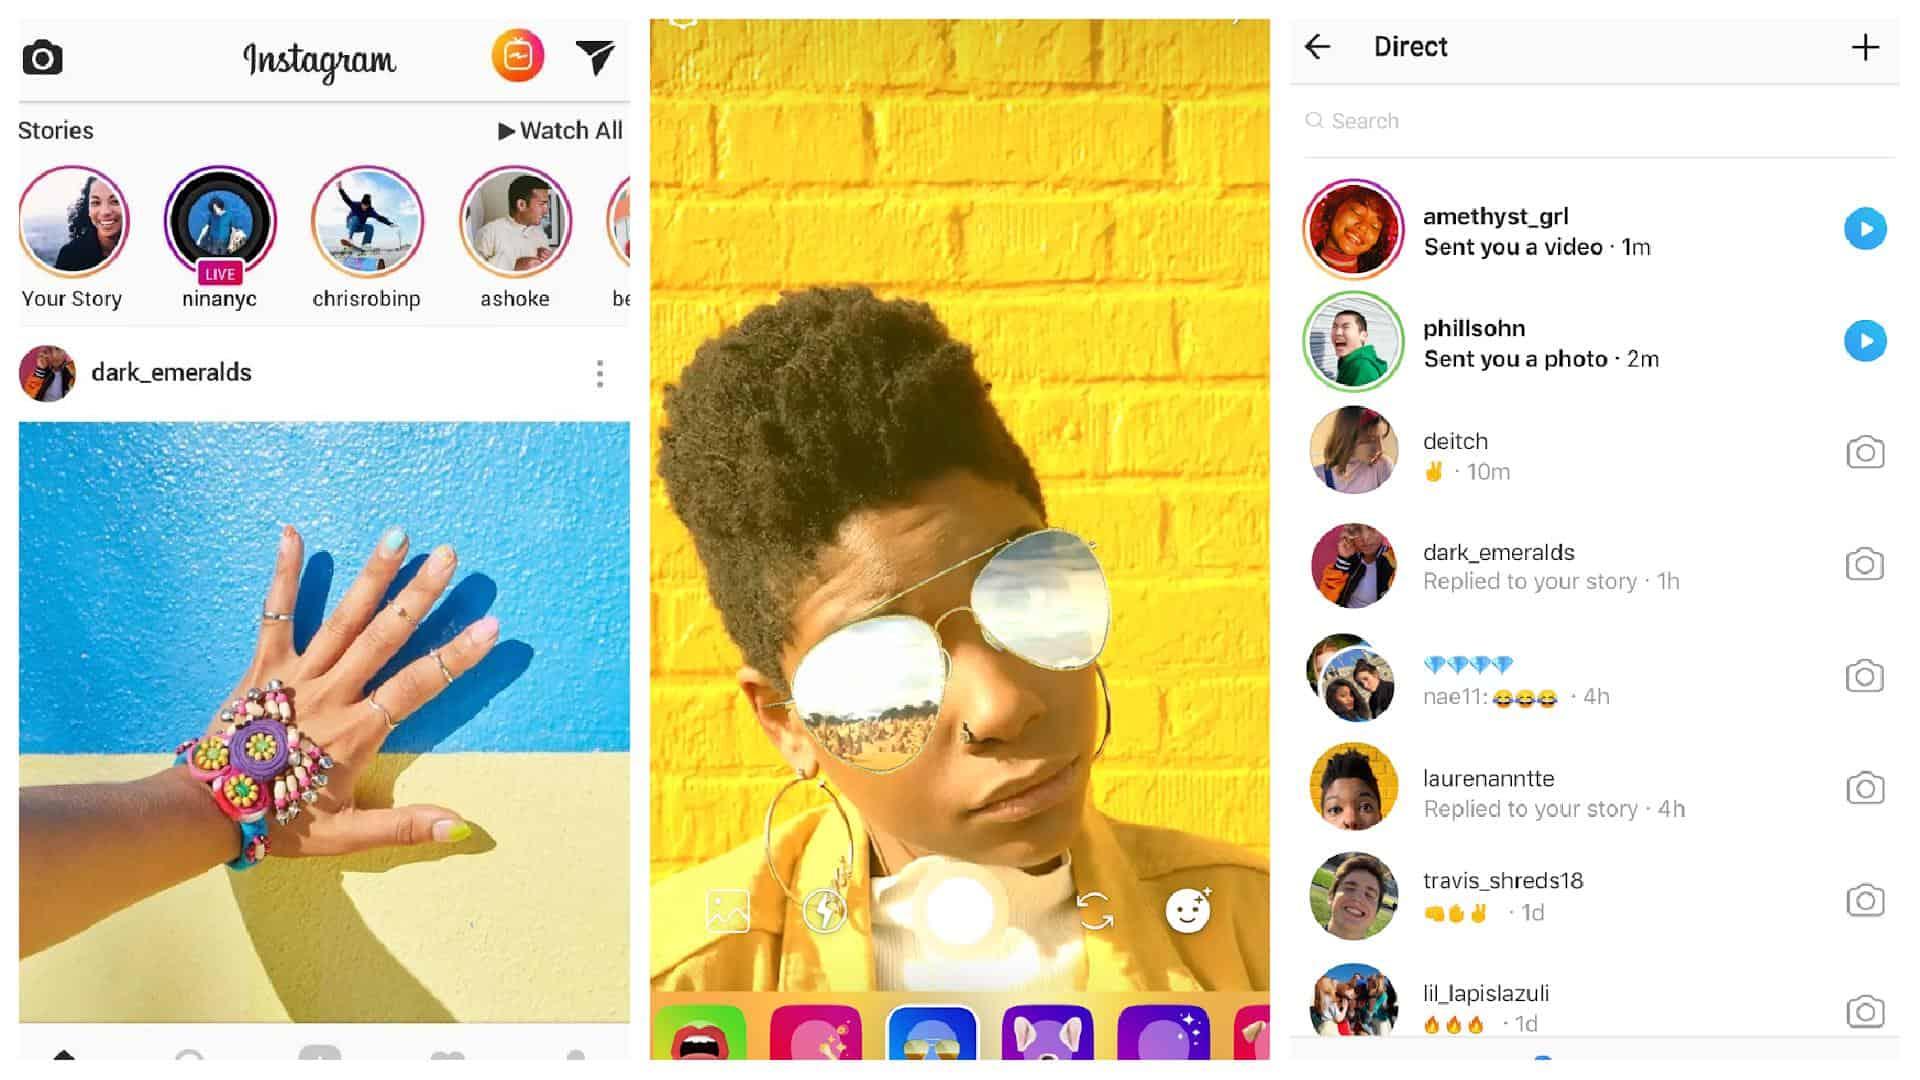 Instagram app grid 1